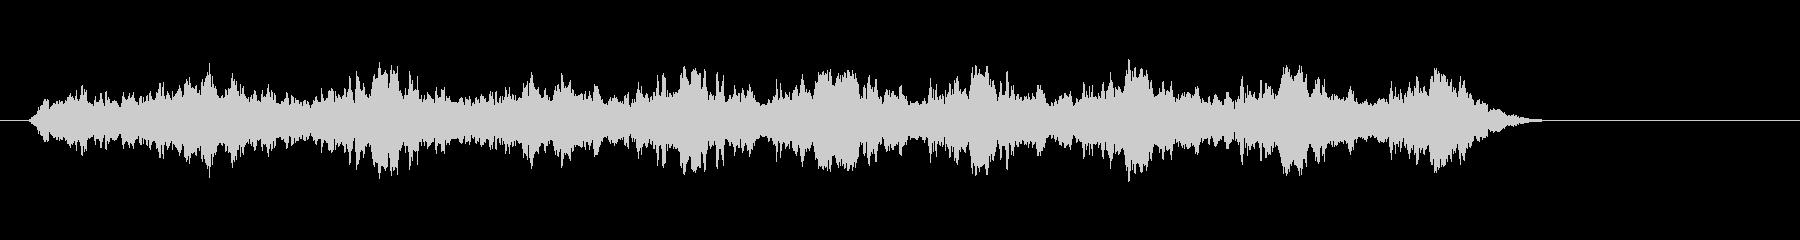 サイレン-バージョン1の未再生の波形